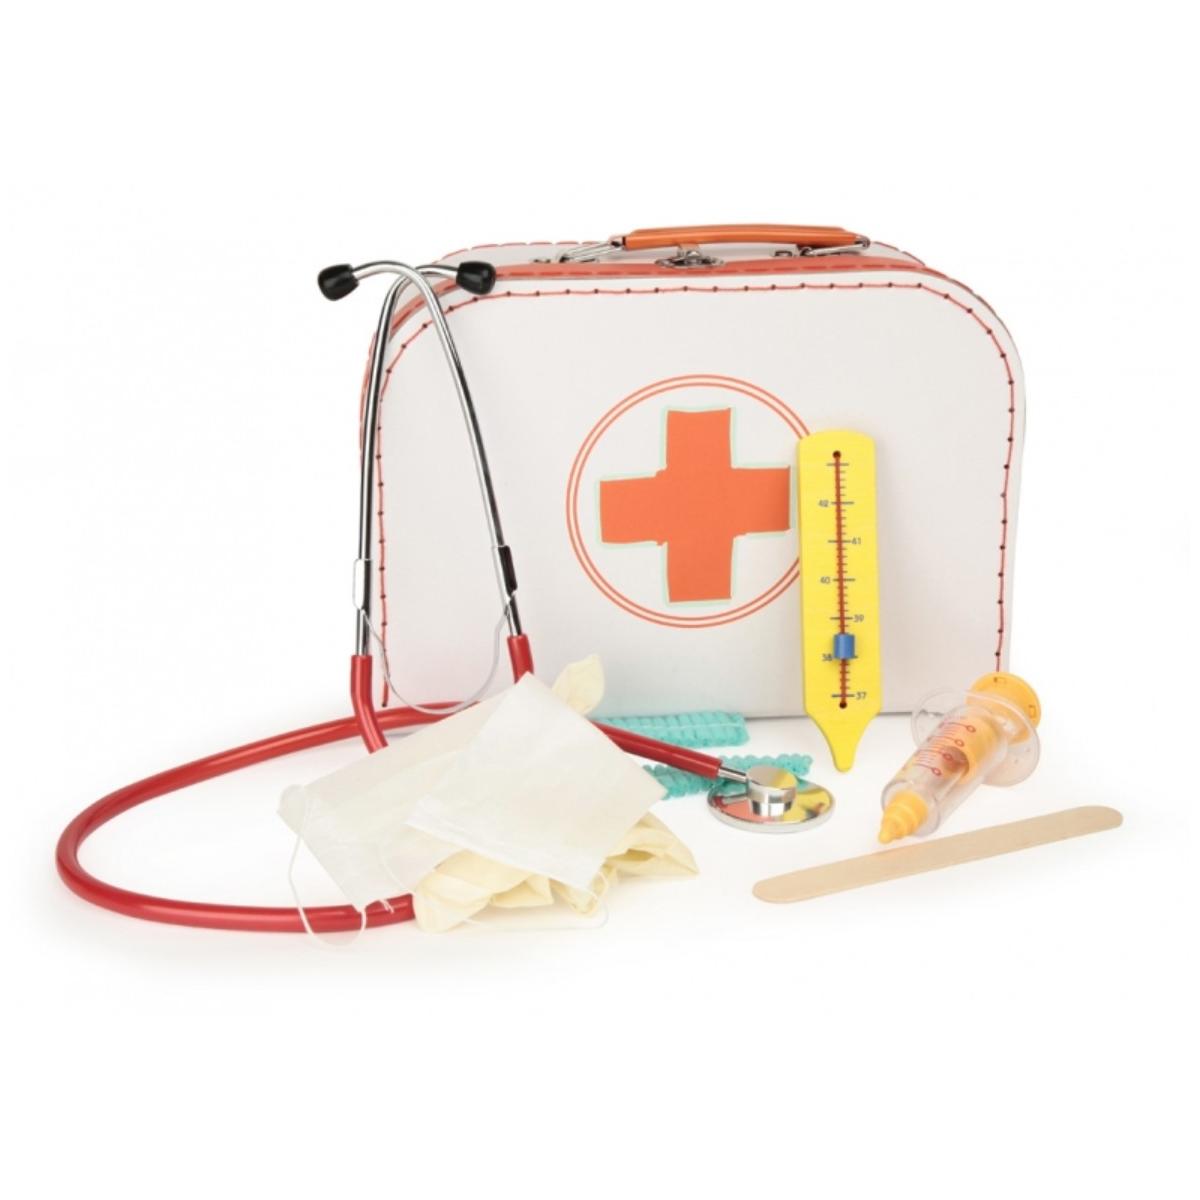 Egmont Toys - Valise de docteur avec accessoires